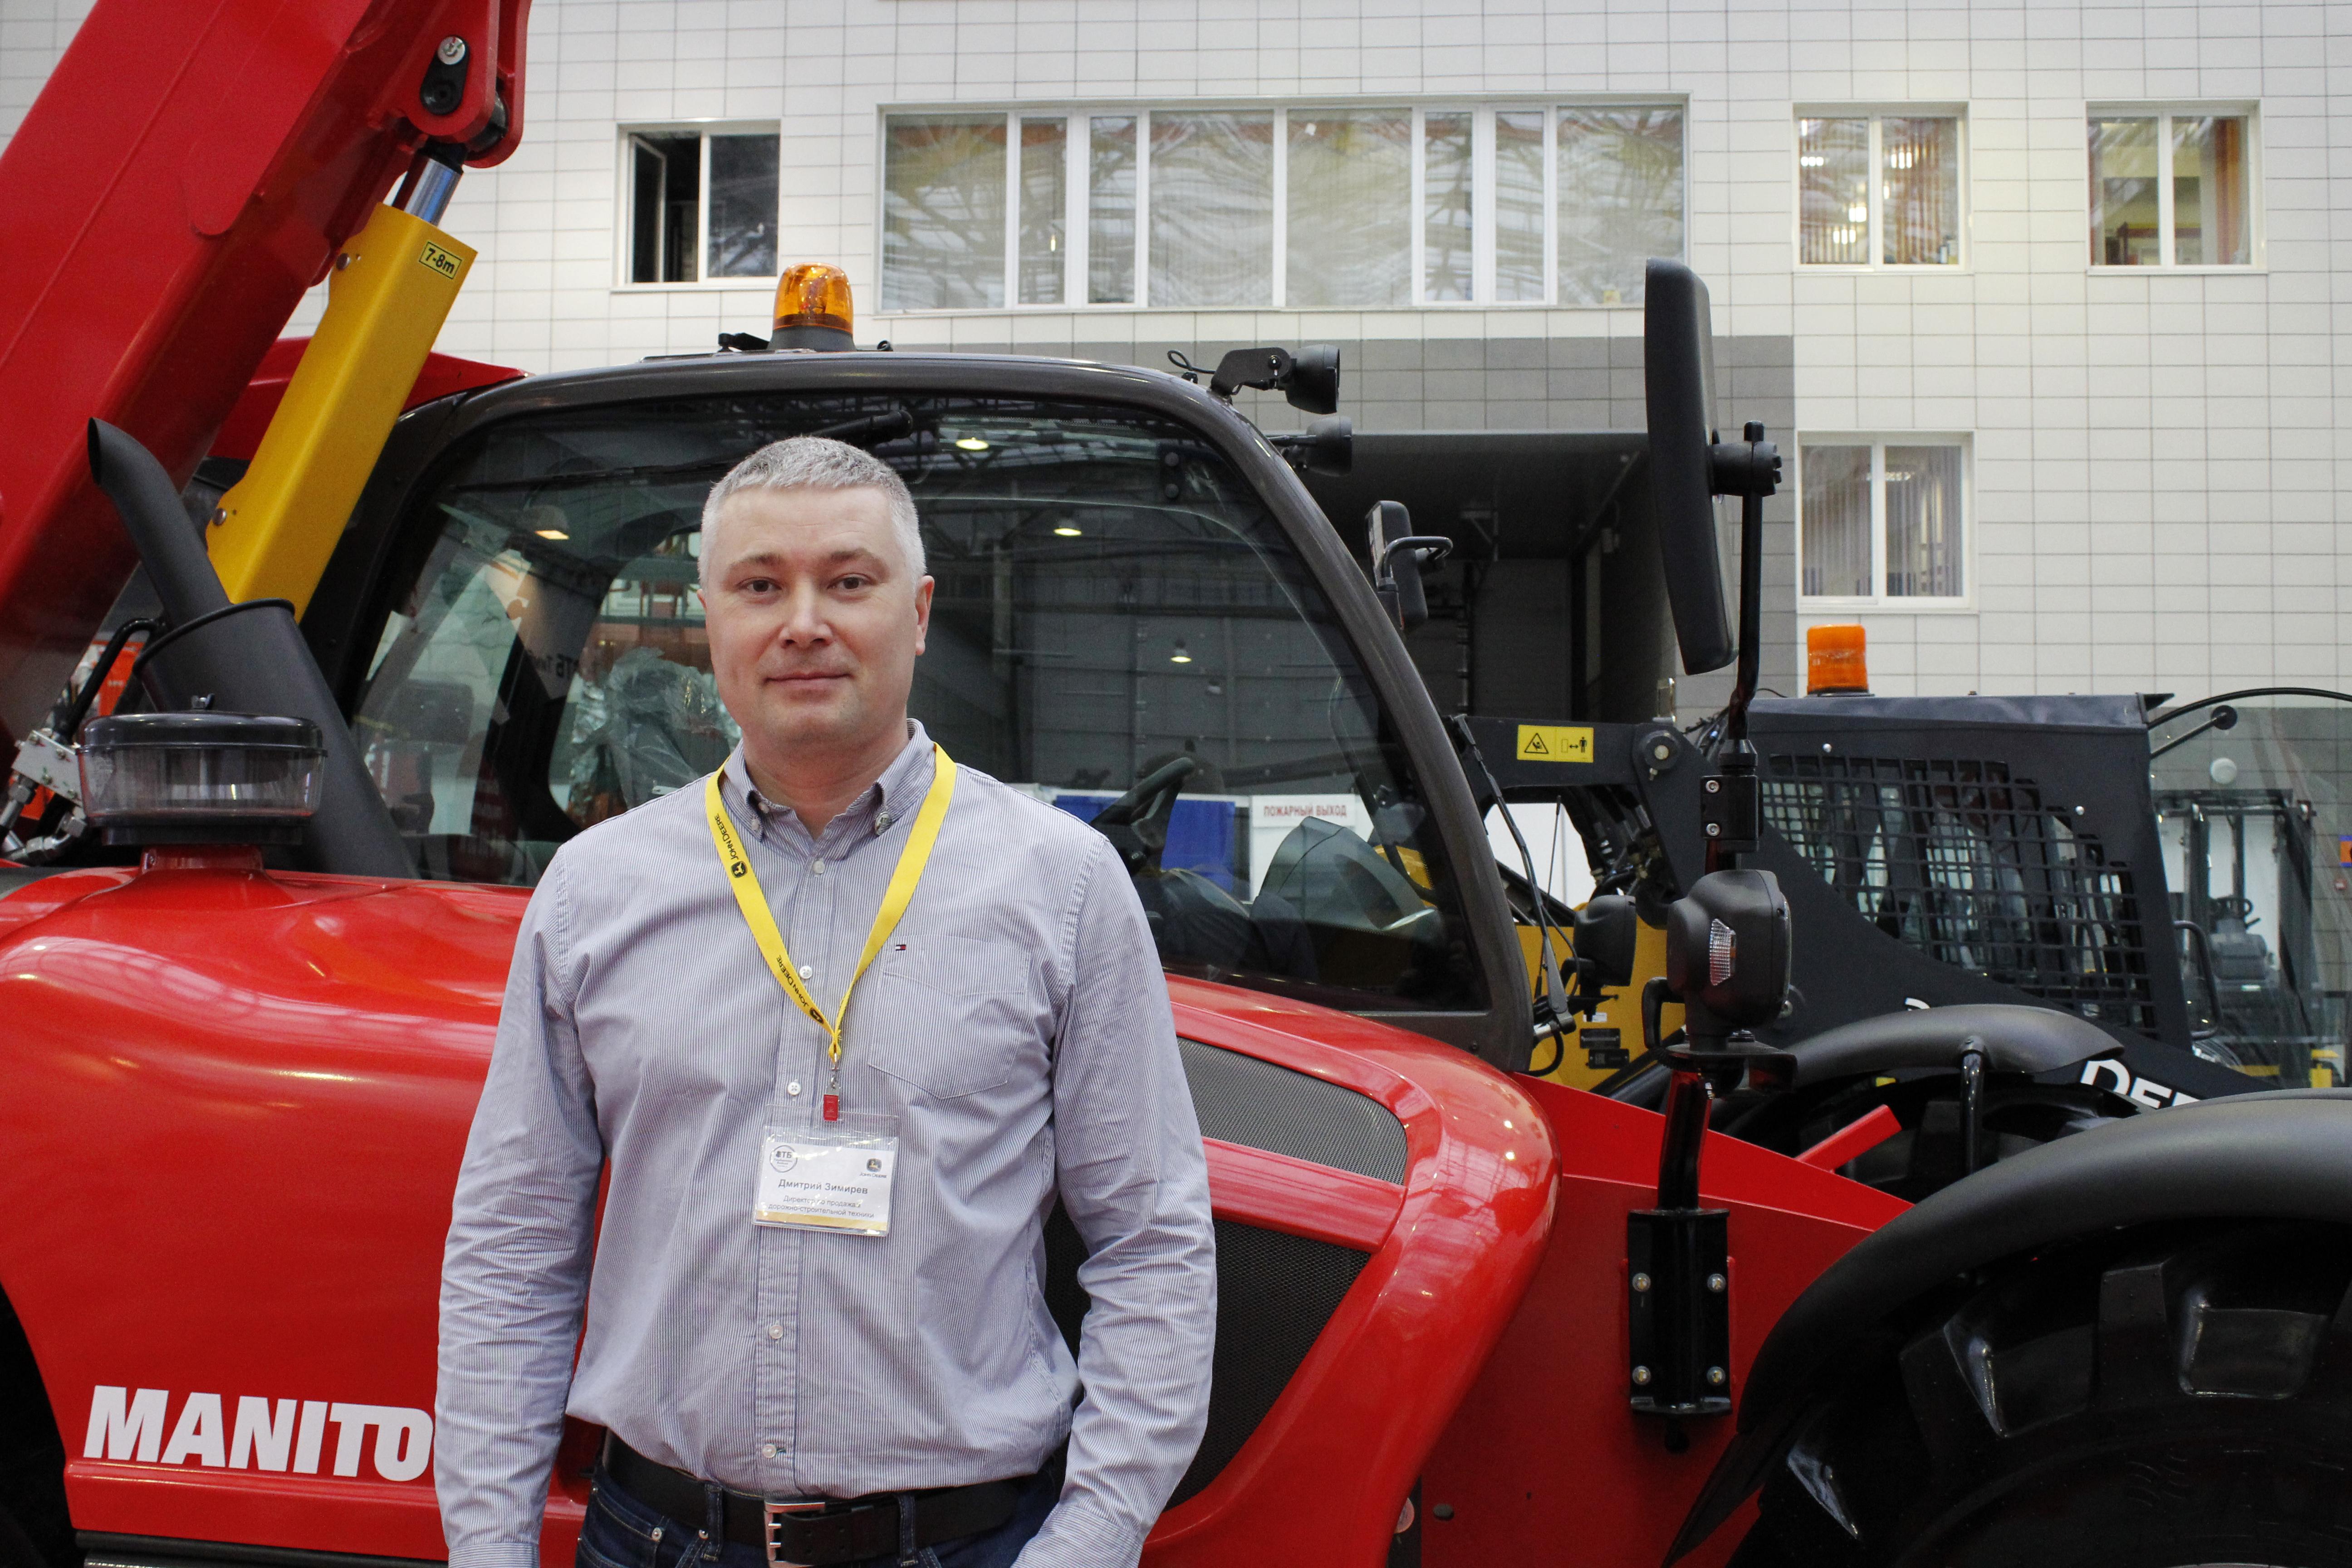 Дмитрий Зимирев, директор по продажам дорожно-строительной техники ООО «Тимбермаш Байкал» (официальный дилер John Deere и Manitou)